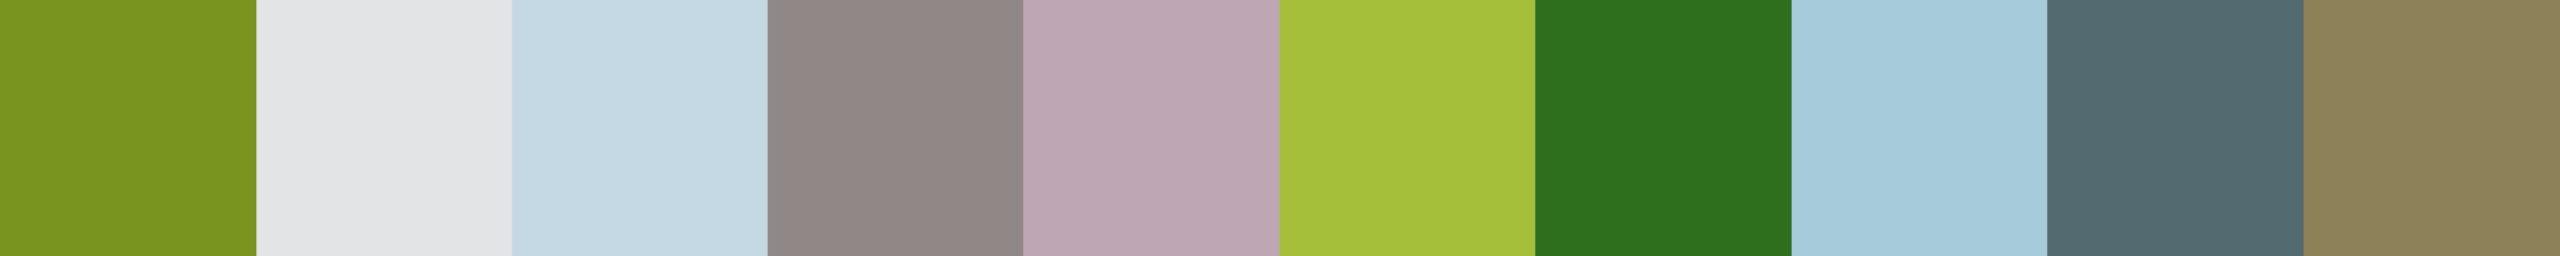 287 Beciazola Color Palette